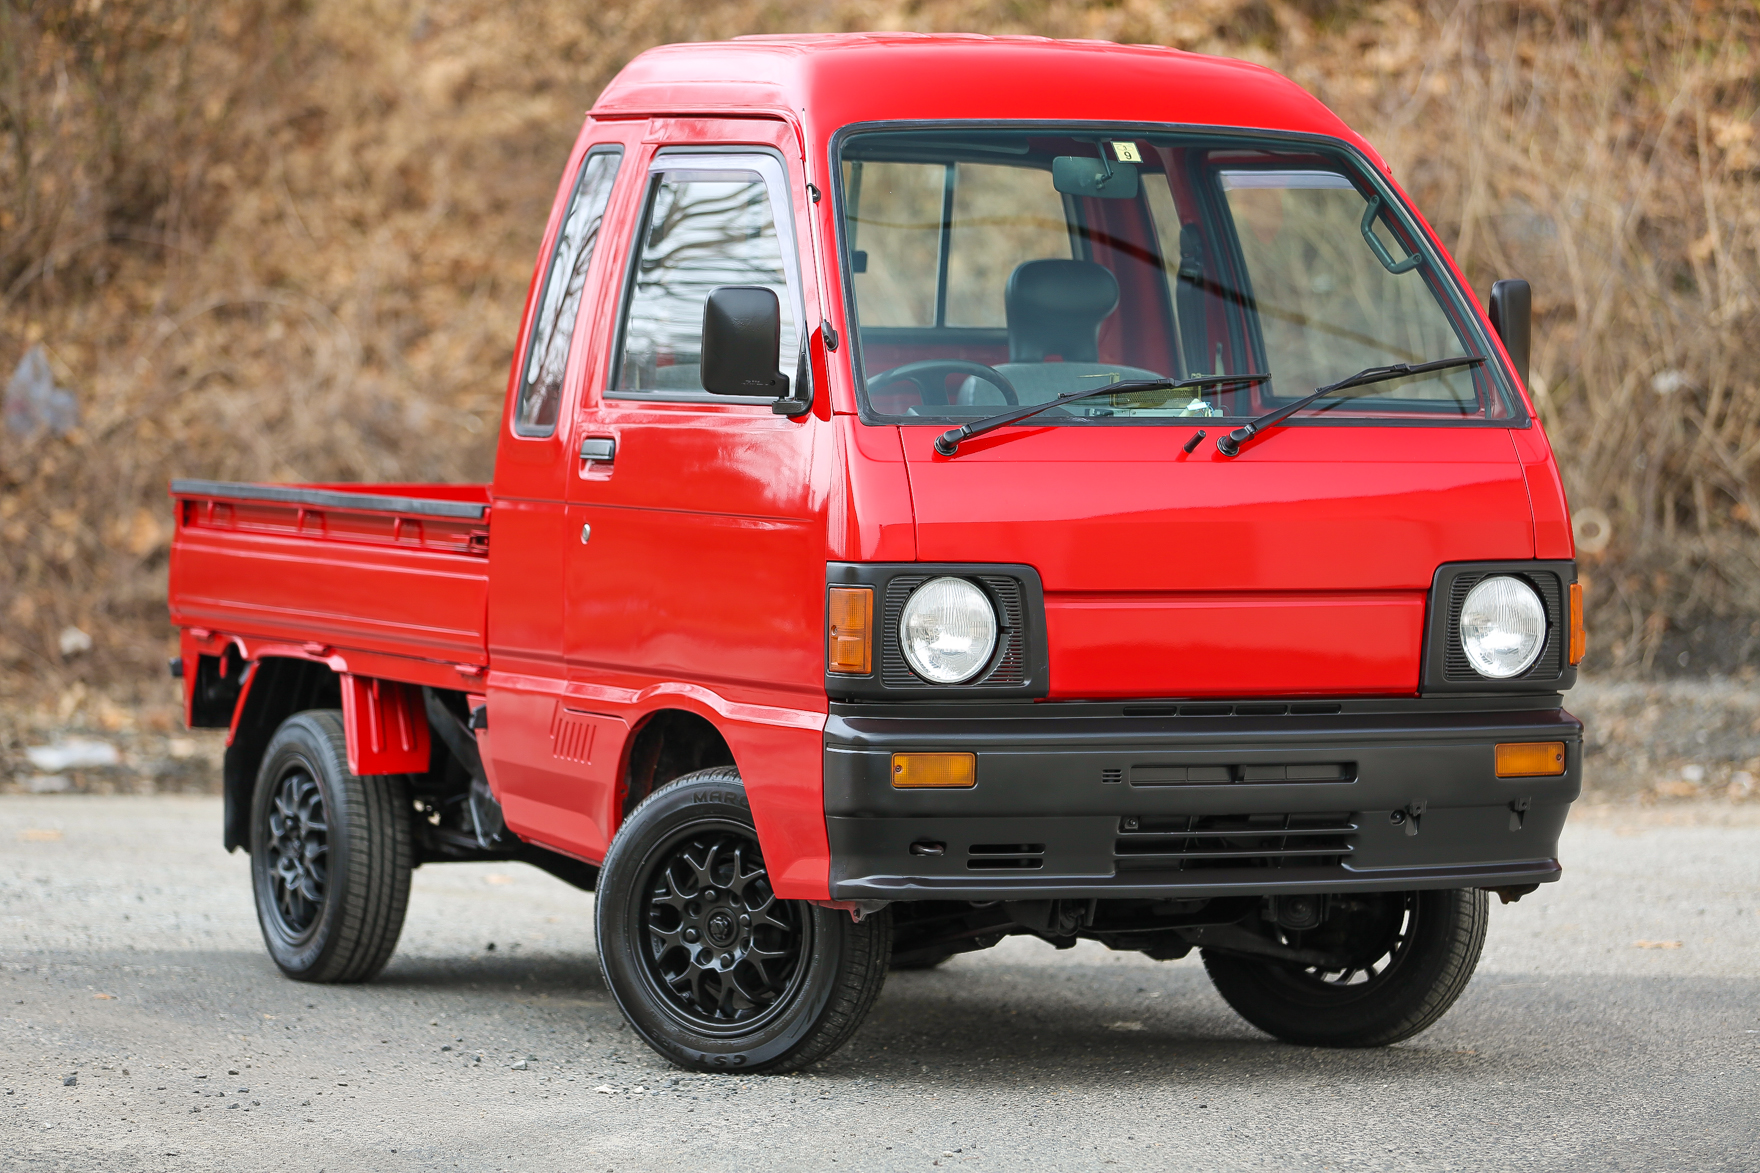 1989 Daihatsu Hijet Jumbo - $8500